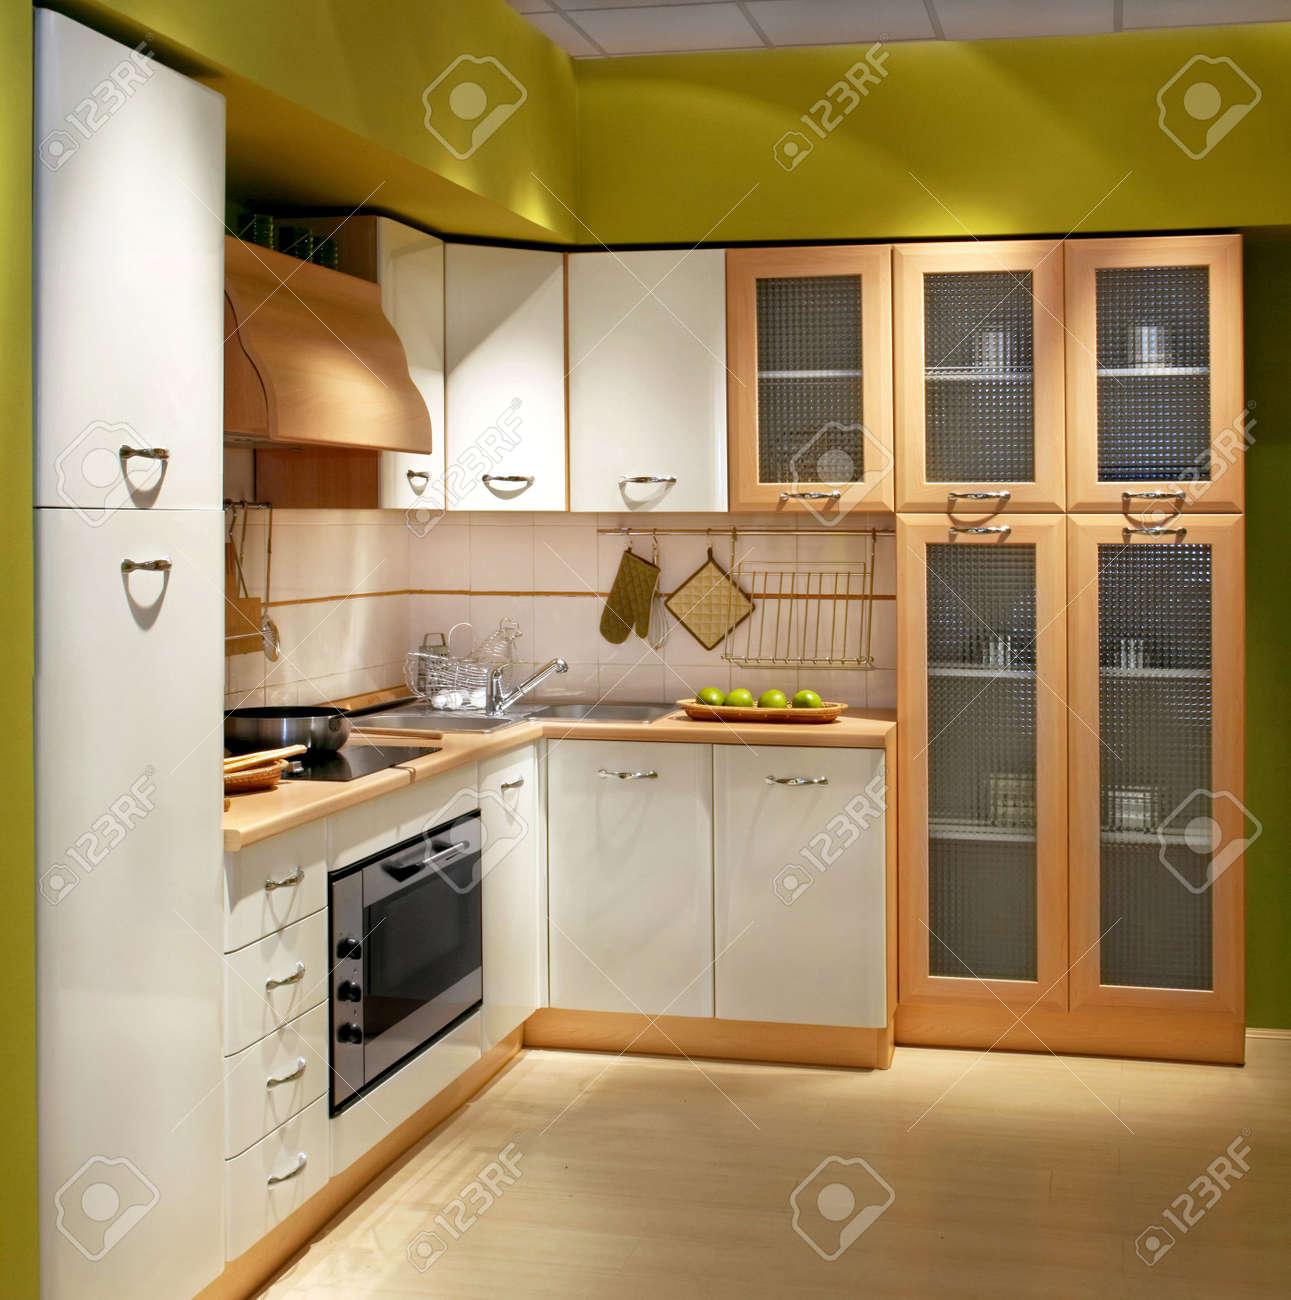 Moderne Kuche Aus Holz Mit Grossen Schrank Lizenzfreie Fotos Bilder